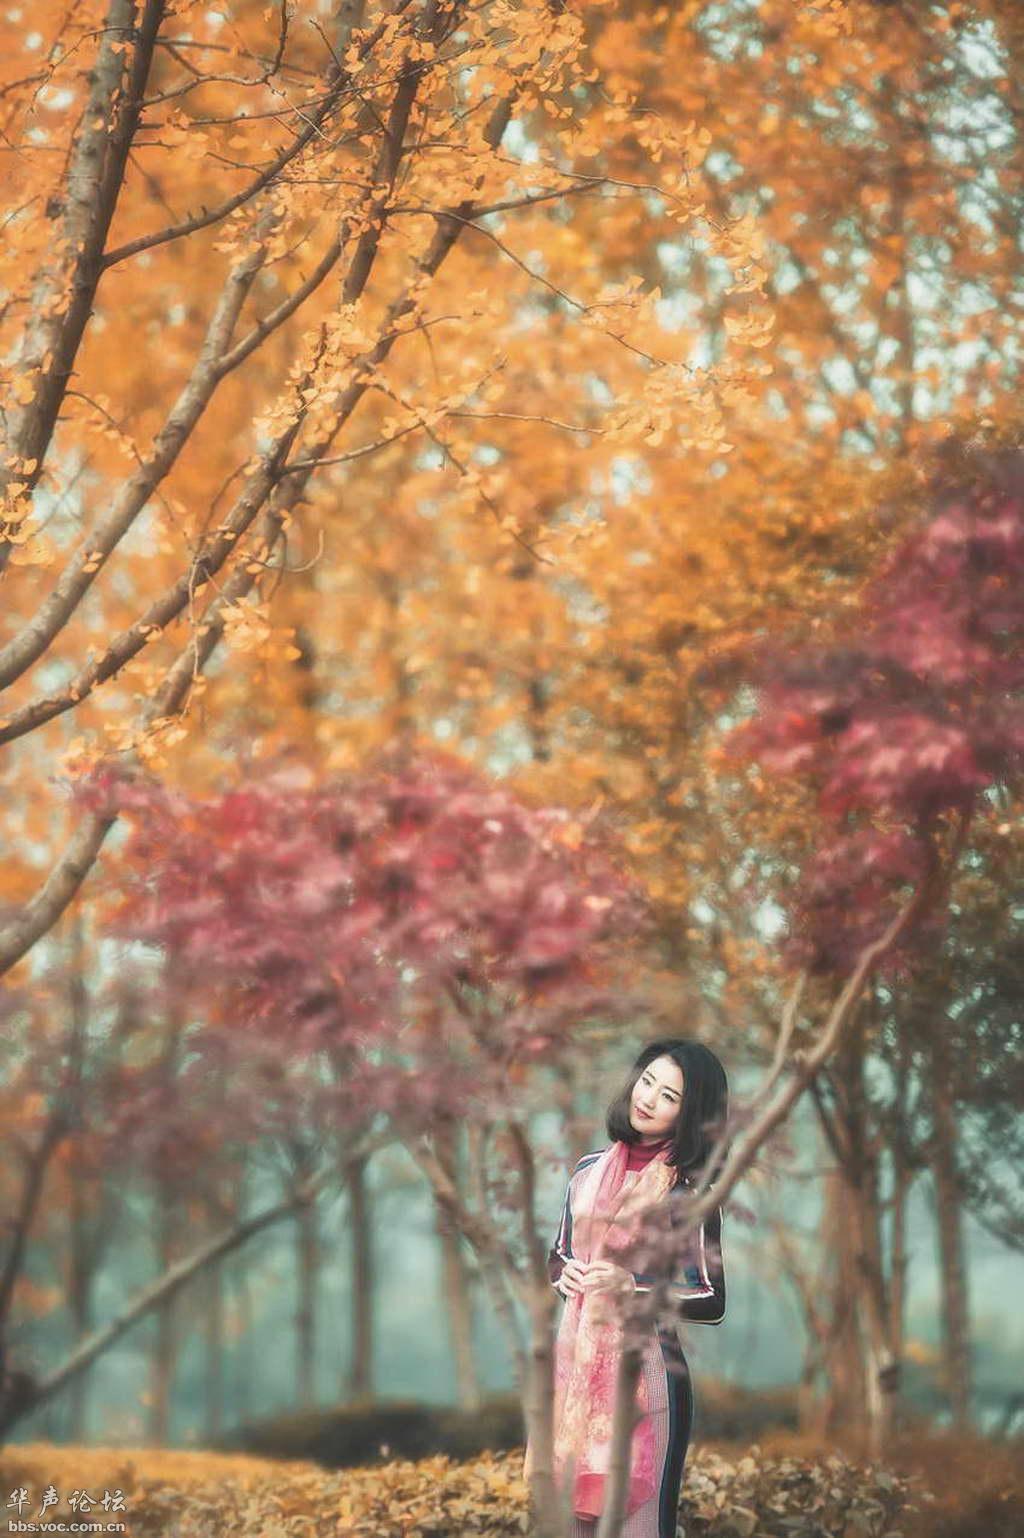 秋色迷离 - 白云深处 - 白云深处的博客